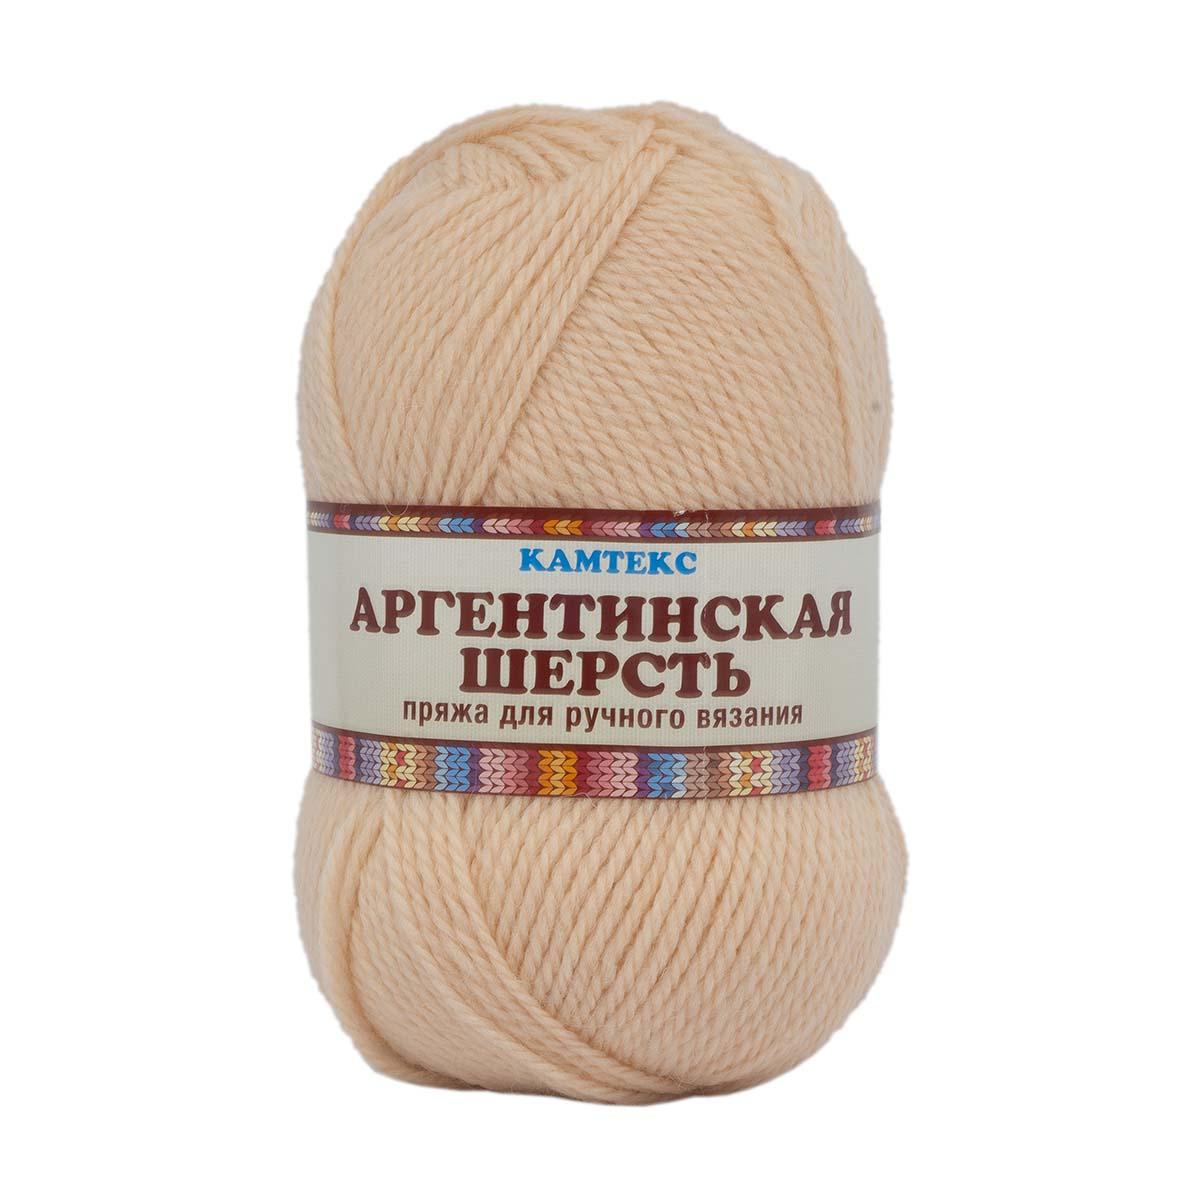 Пряжа Камтекс 'Аргентинская шерсть' (100%шерсть)